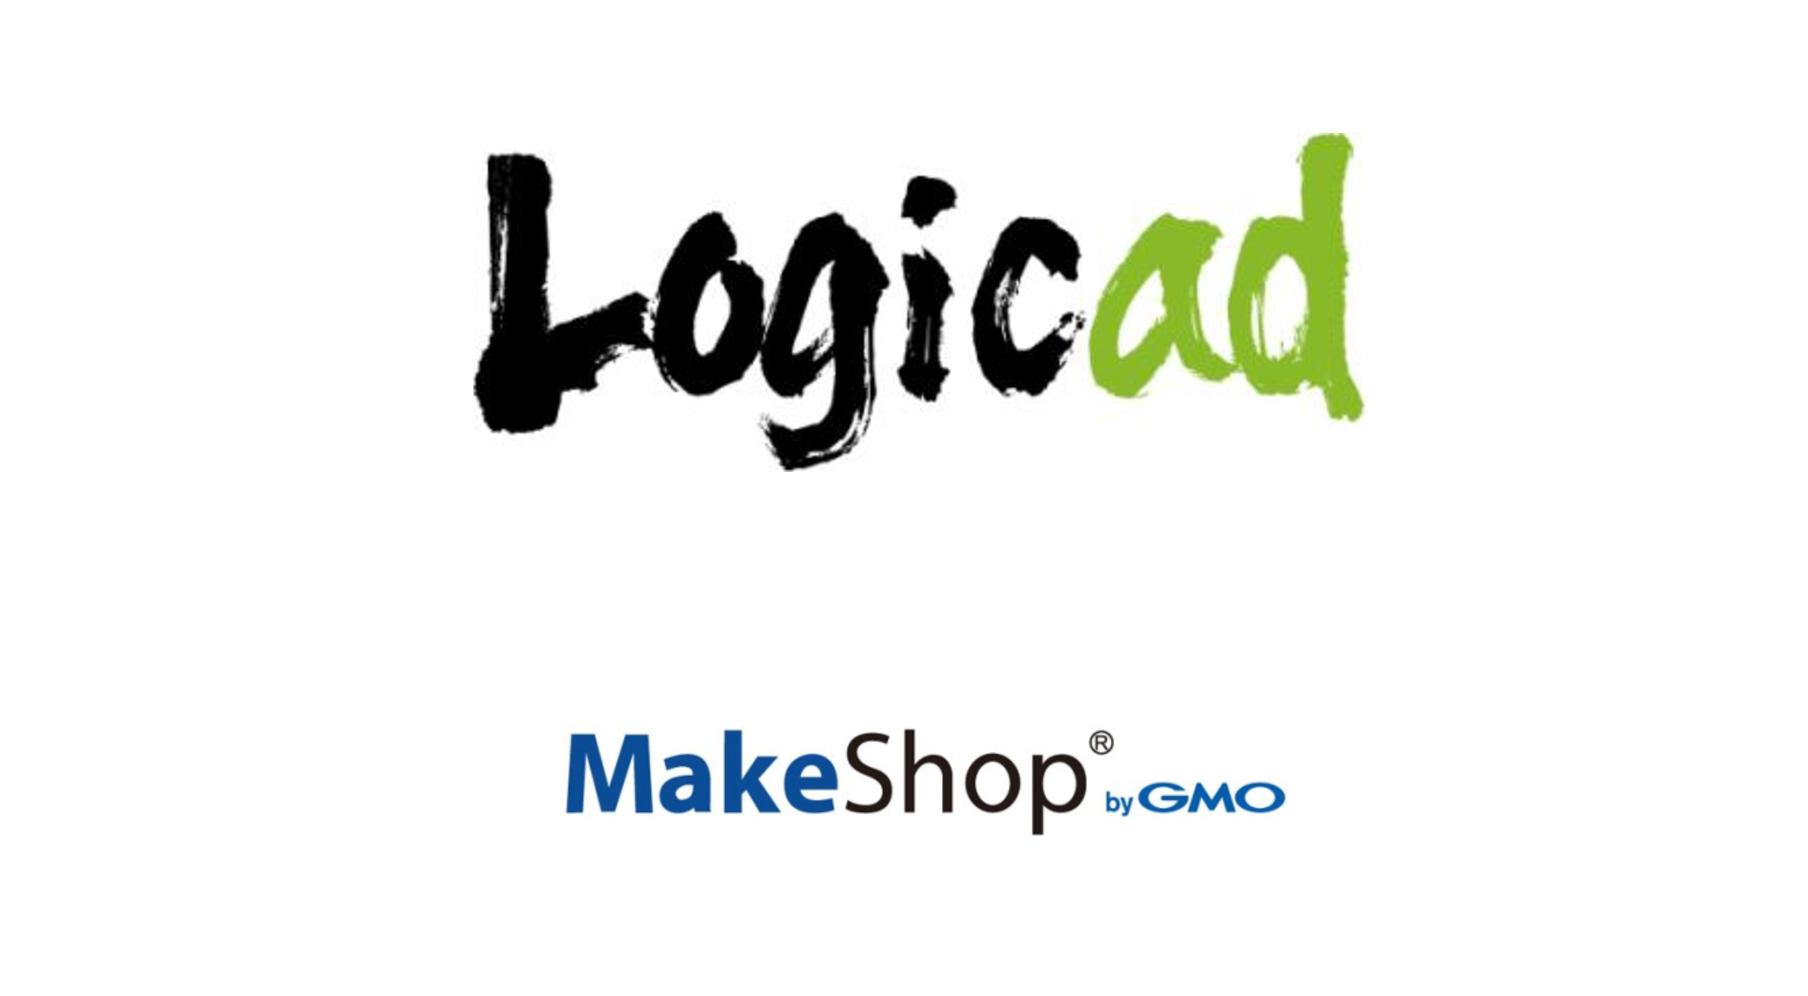 logicad_makeshop